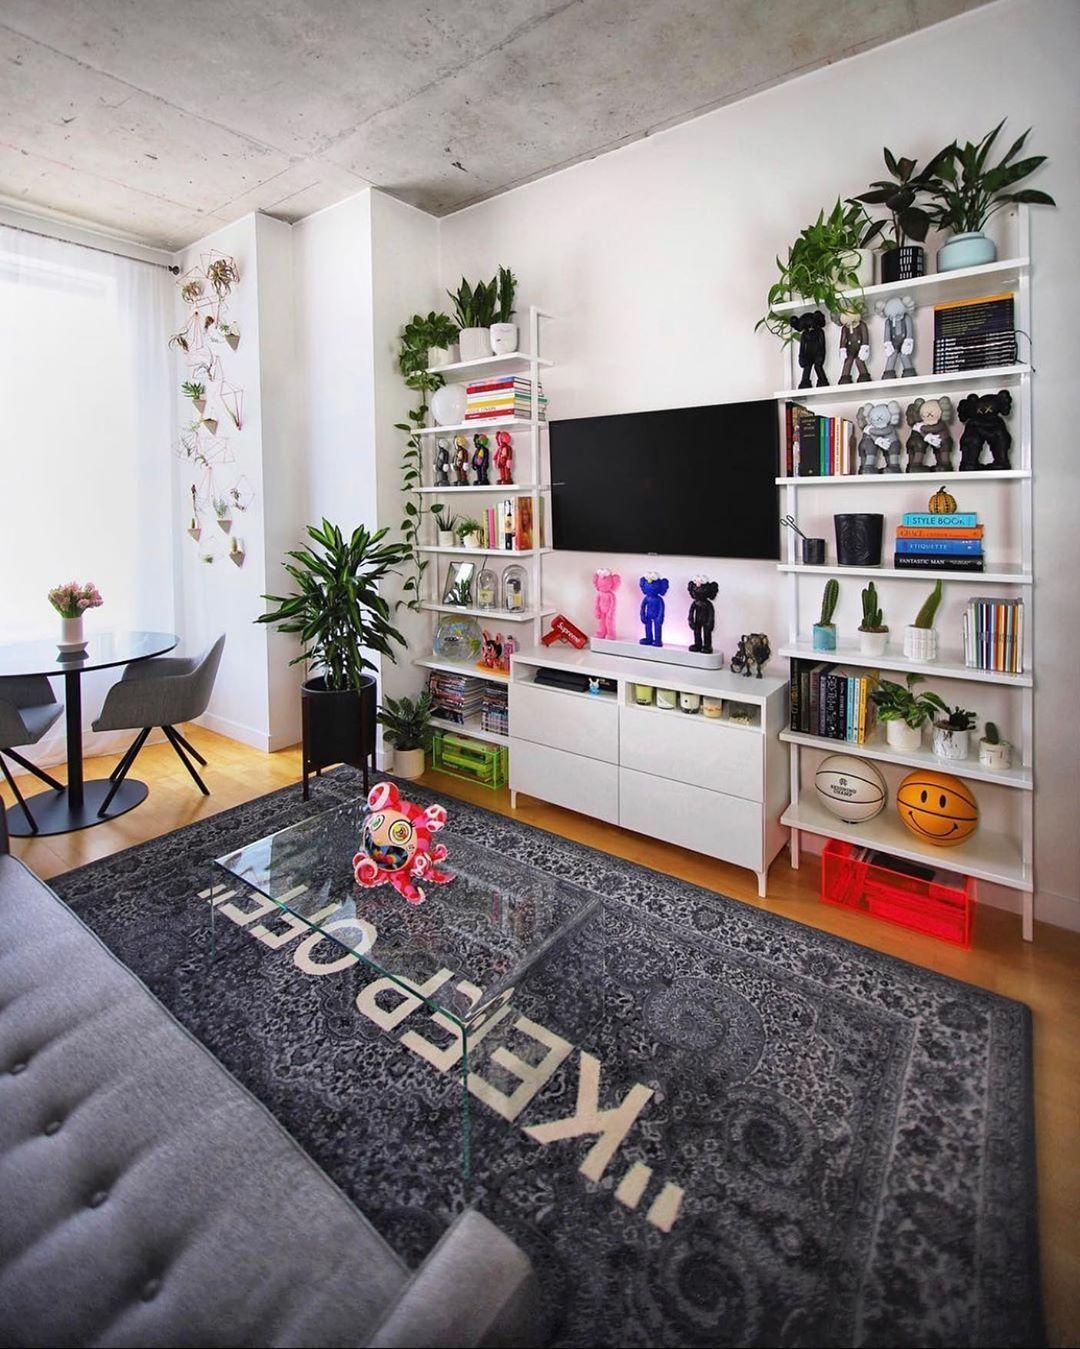 Home Design Ideas Instagram: StockX Streetwear Auf Instagram : KEEP OFF